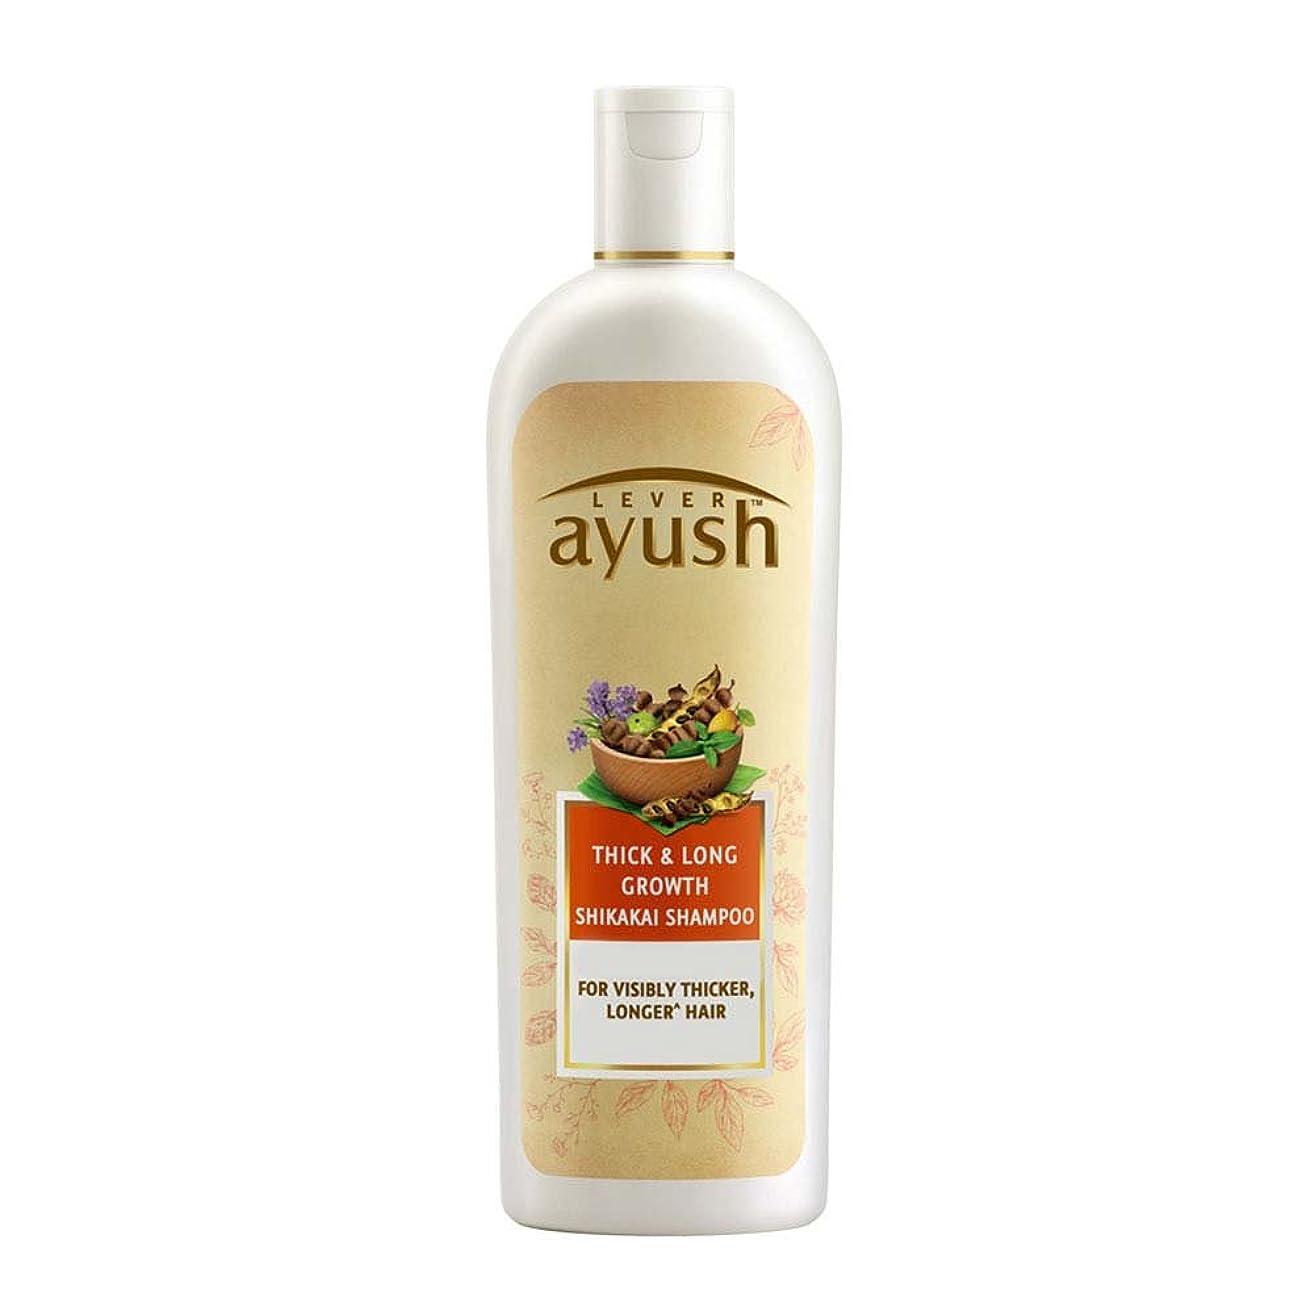 局今後ラッチLever Ayush Thick and Long Growth Shikakai Shampoo, 175ml - 並行輸入品 - レバーアユッシュシック&ロンググローブシカカイシャンプー、175ml